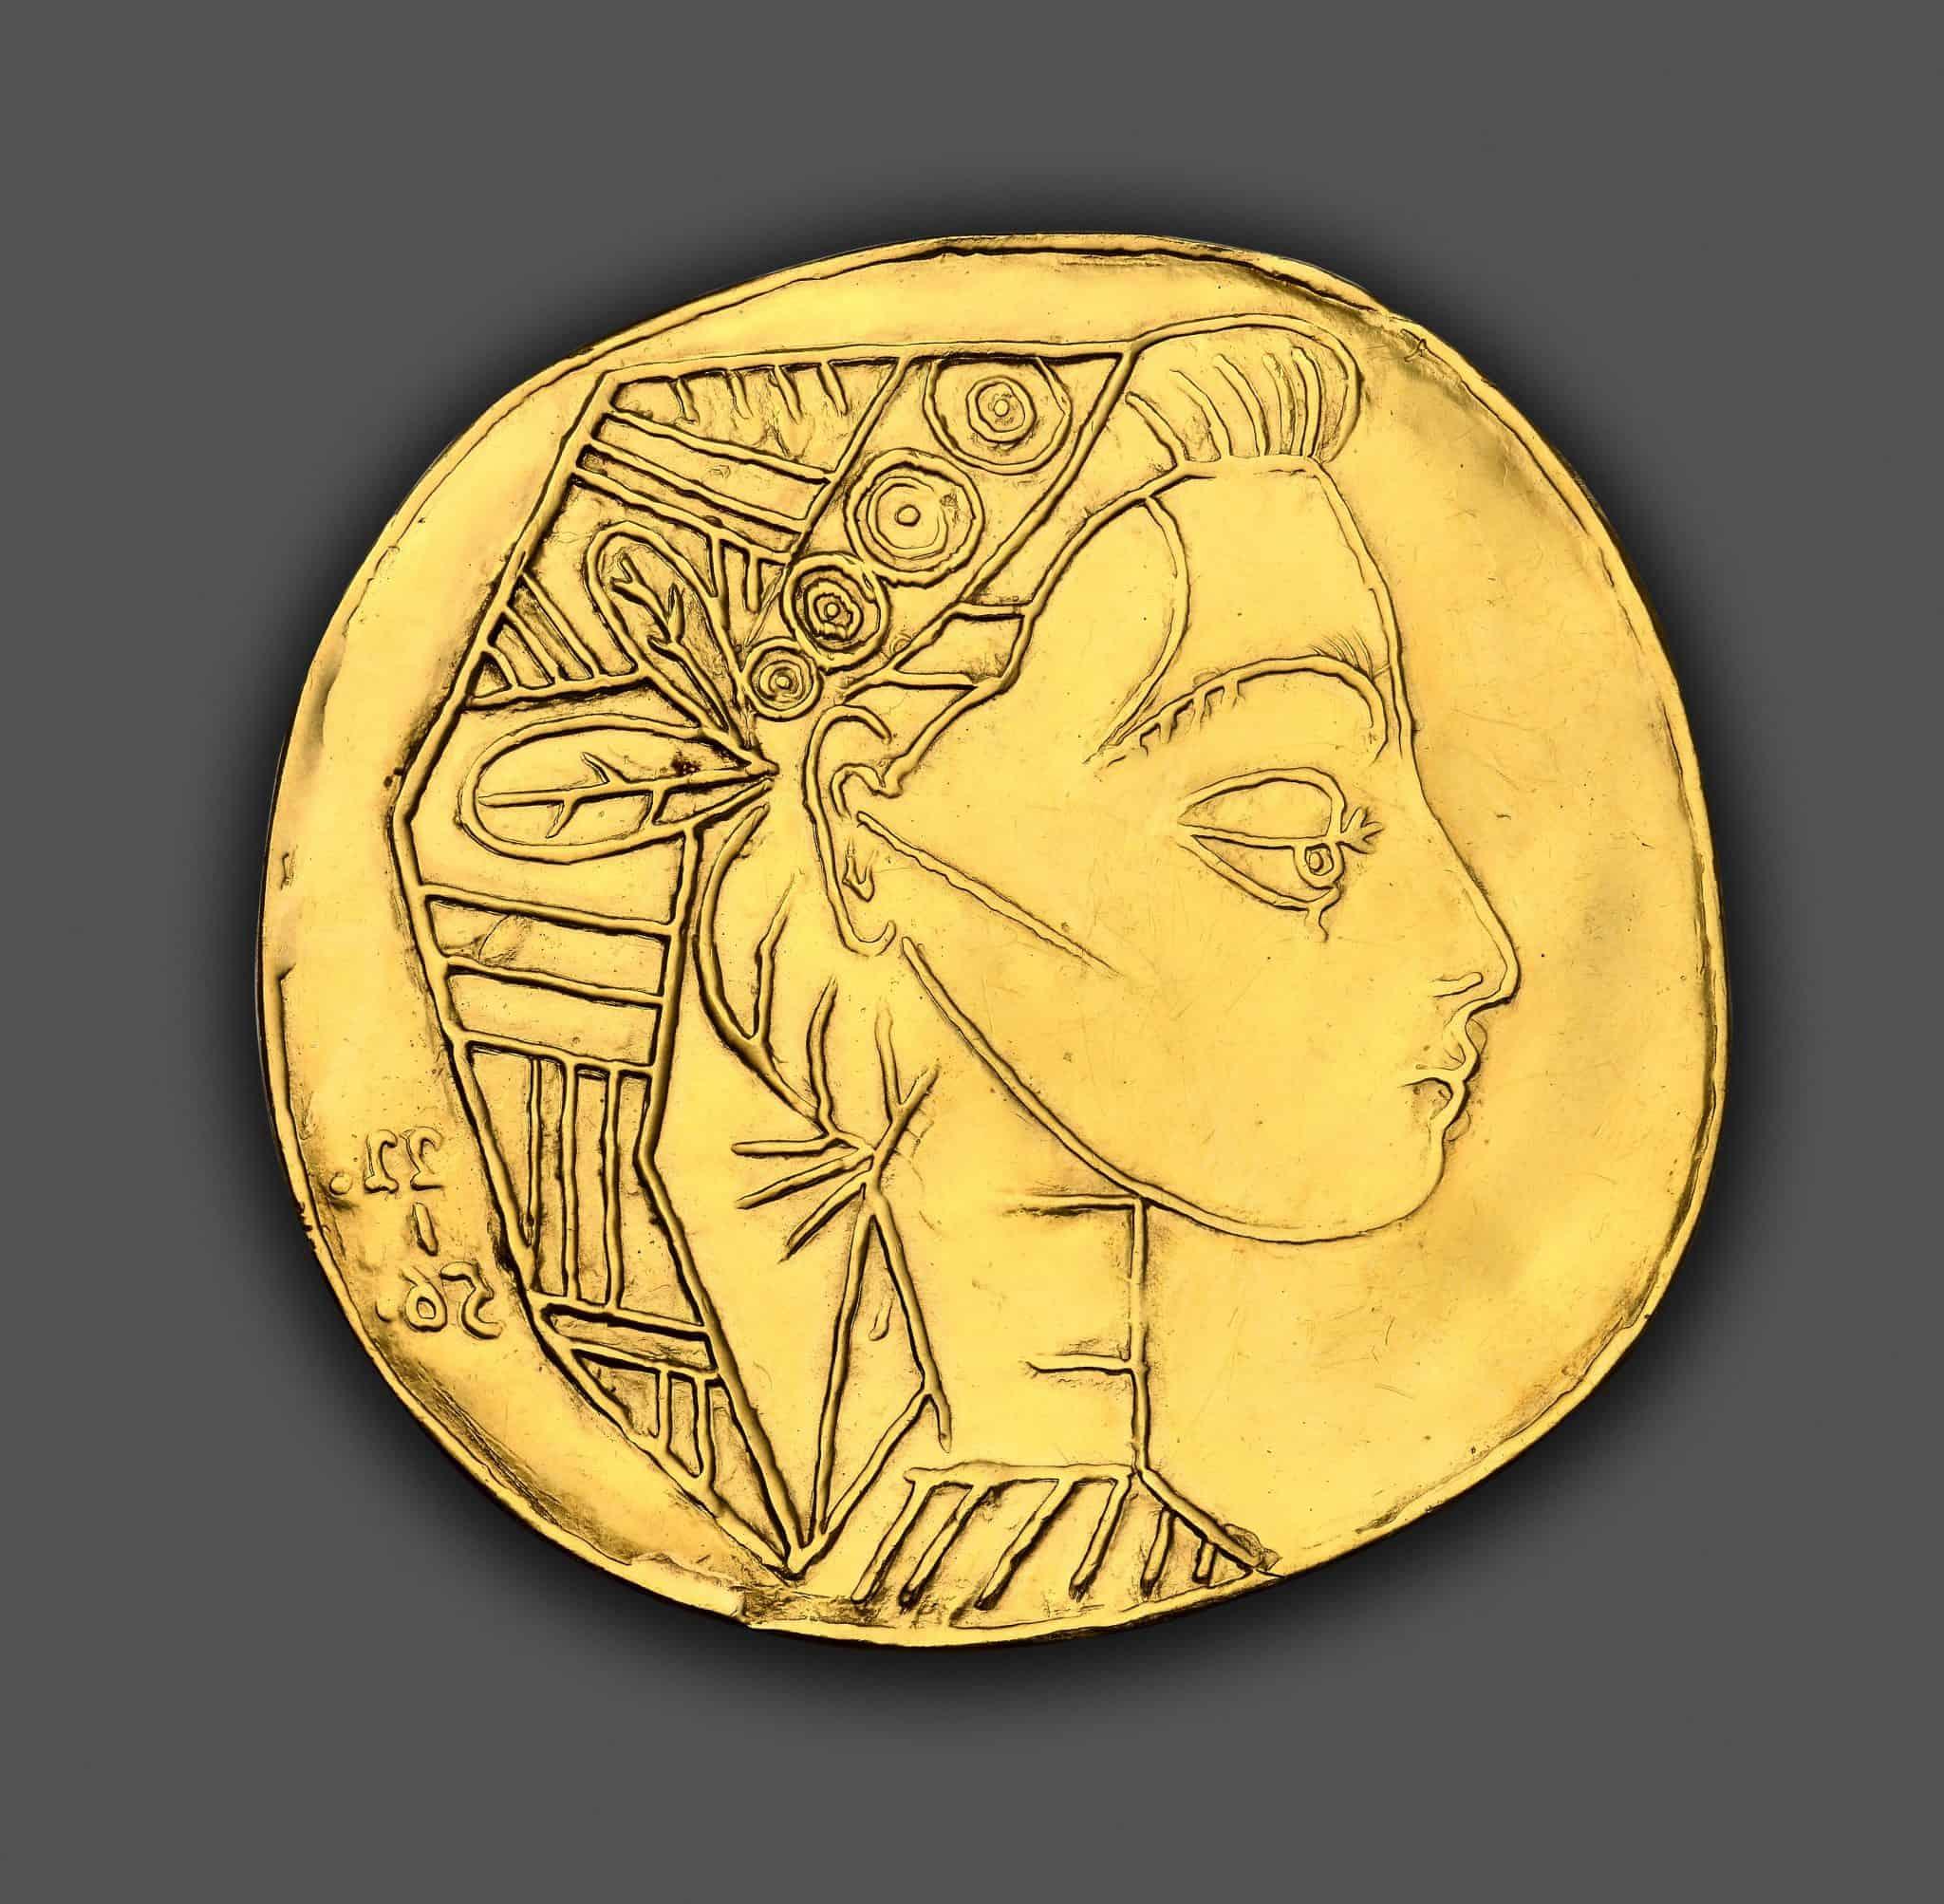 Monnaie Picasso enchères maison R&C Marseille